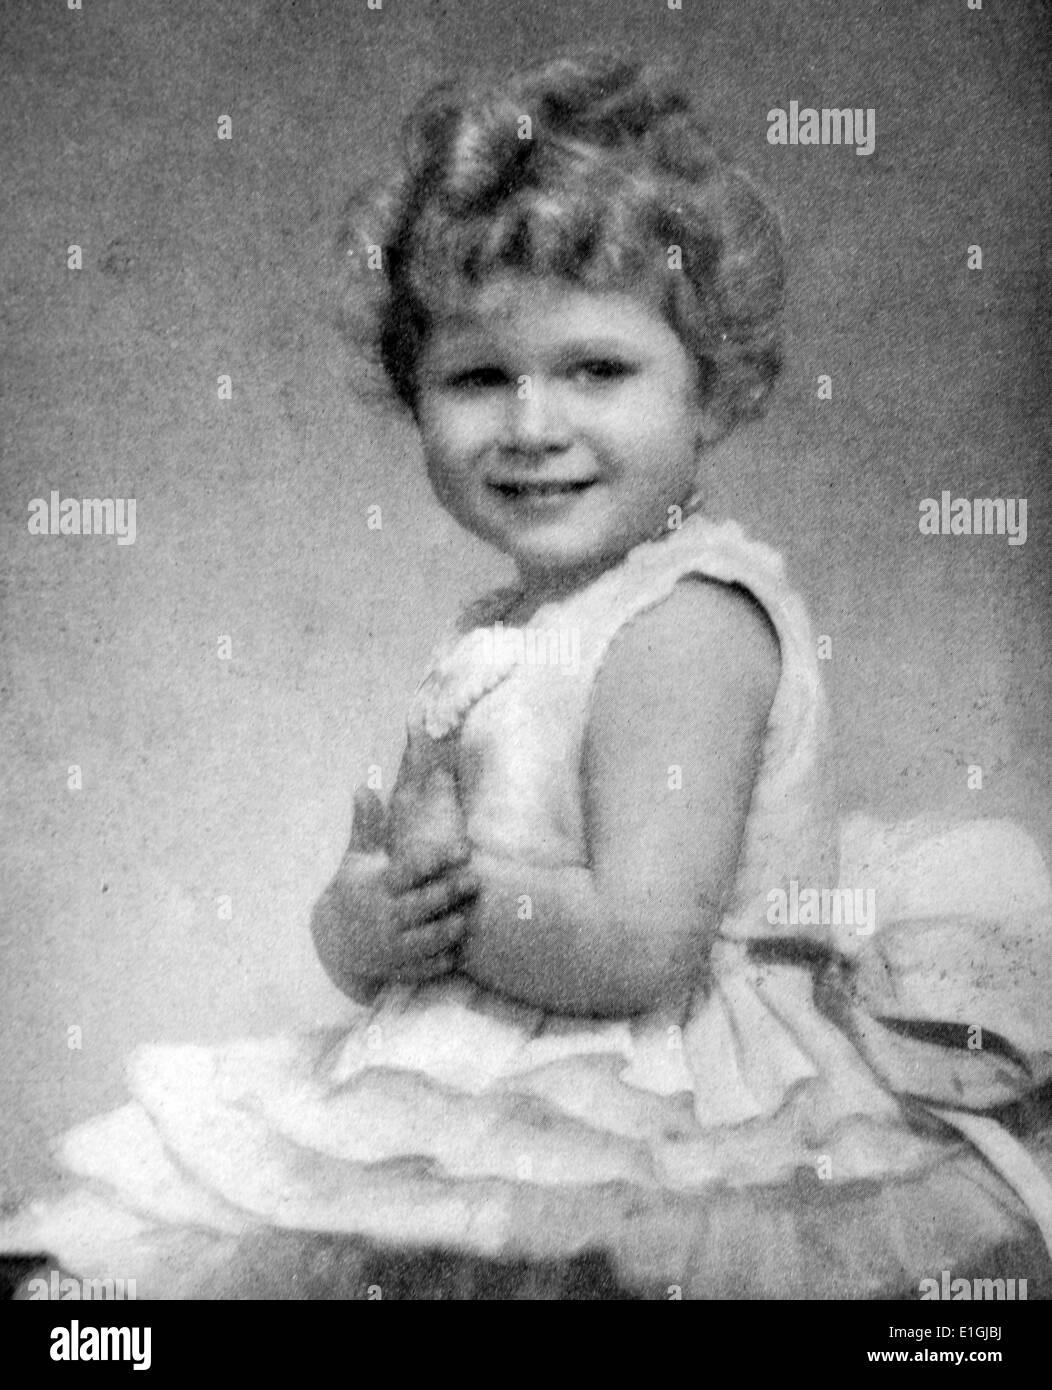 Prinzessin Elizabeth im Alter von 3 oder 4. später Elizabeth II (Elizabeth Alexandra Mary, geboren 21 April 1926[a]) konstitutionellen Monarchen von Stockbild